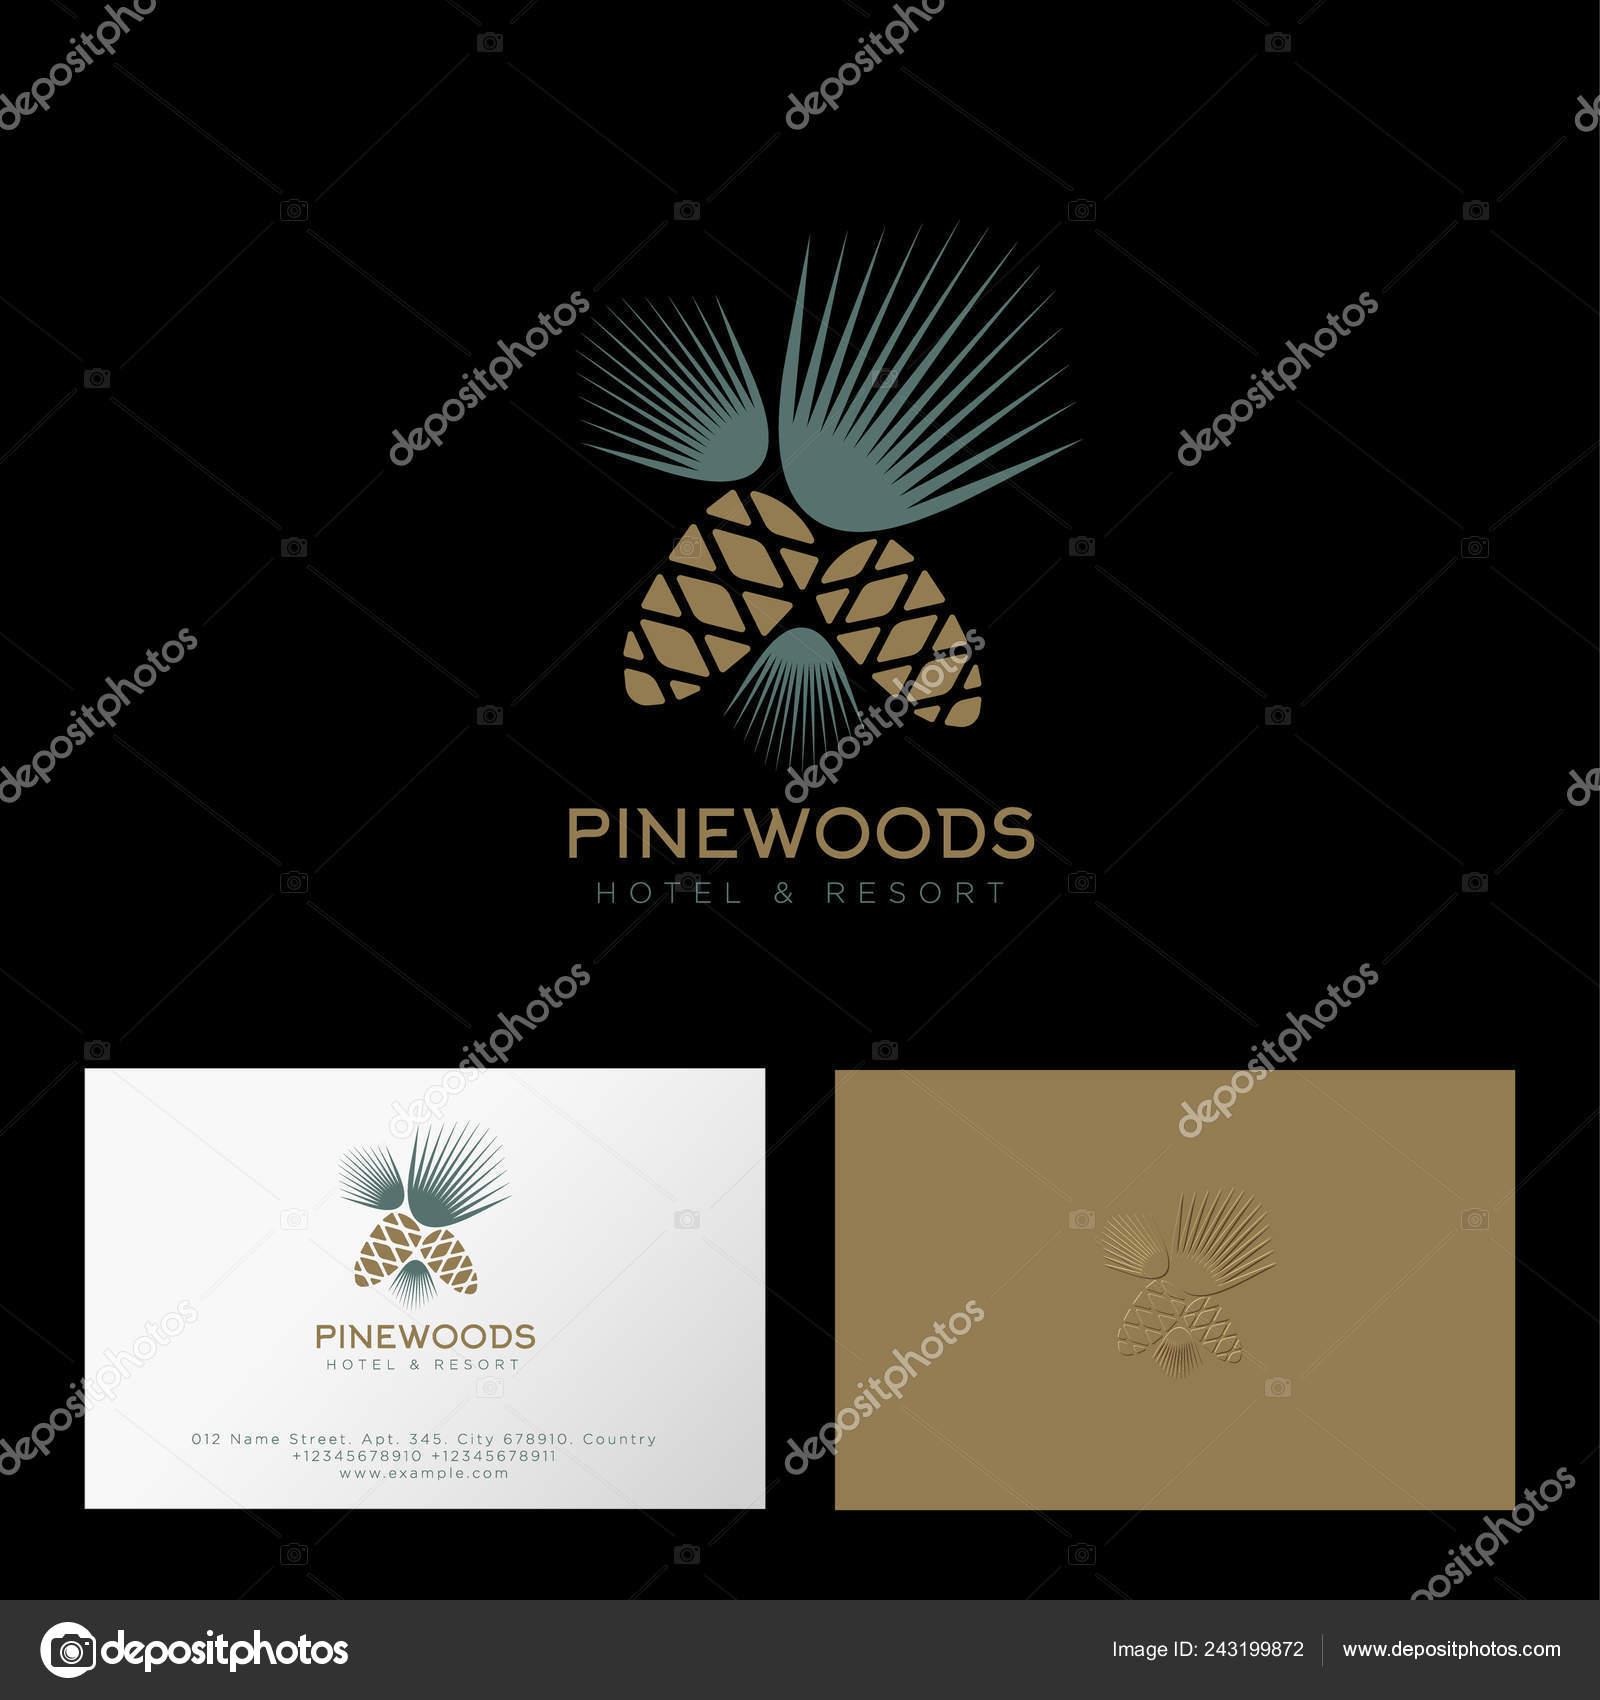 Kiefernwald Logo Hotel Und Resort Tannenzapfen Und Nadeln